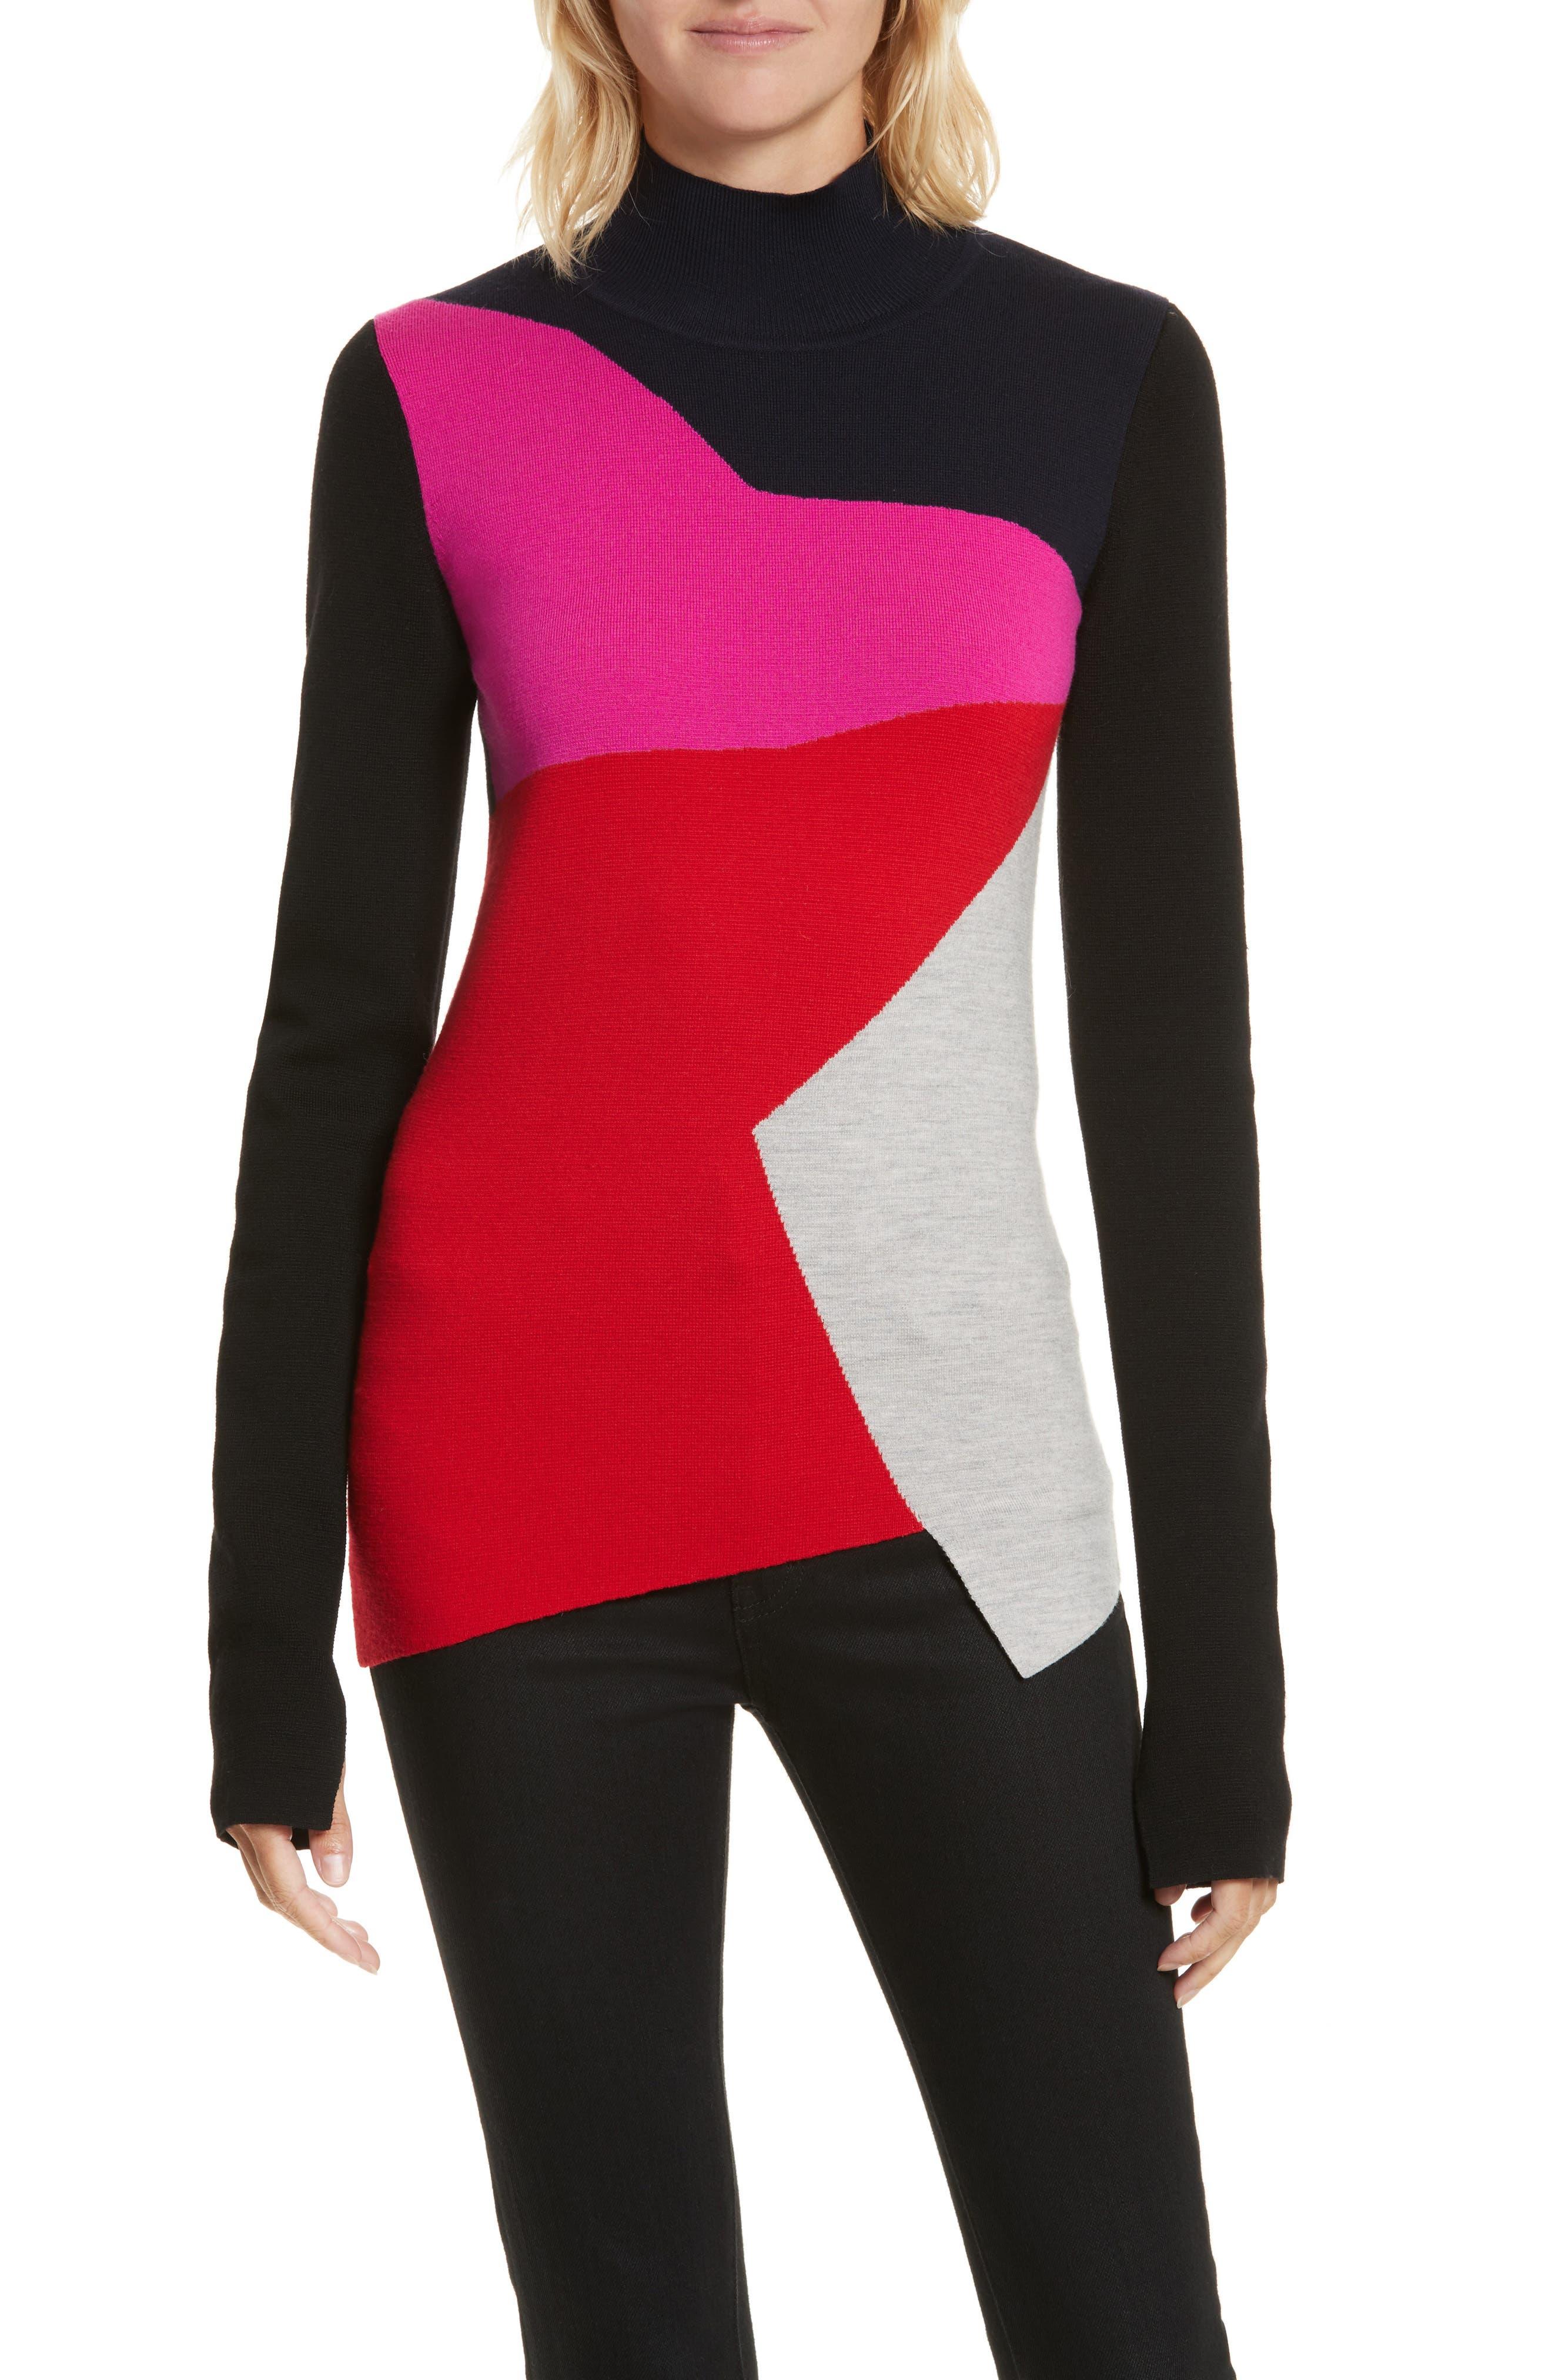 Diane von Furstenberg Colorblock Turtleneck Pullover